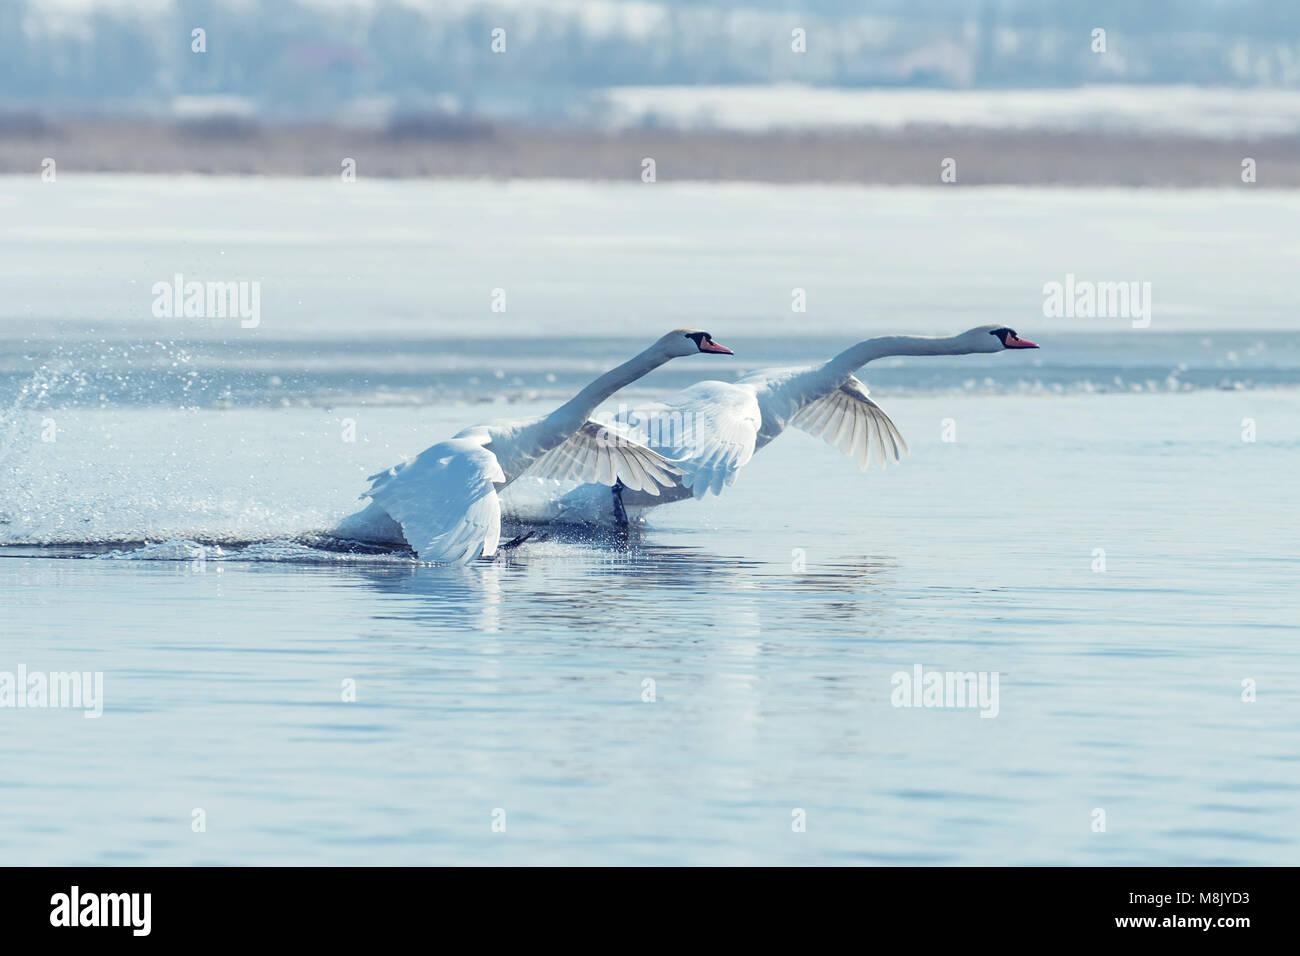 Swan taking flight on spring blue lake - Stock Image